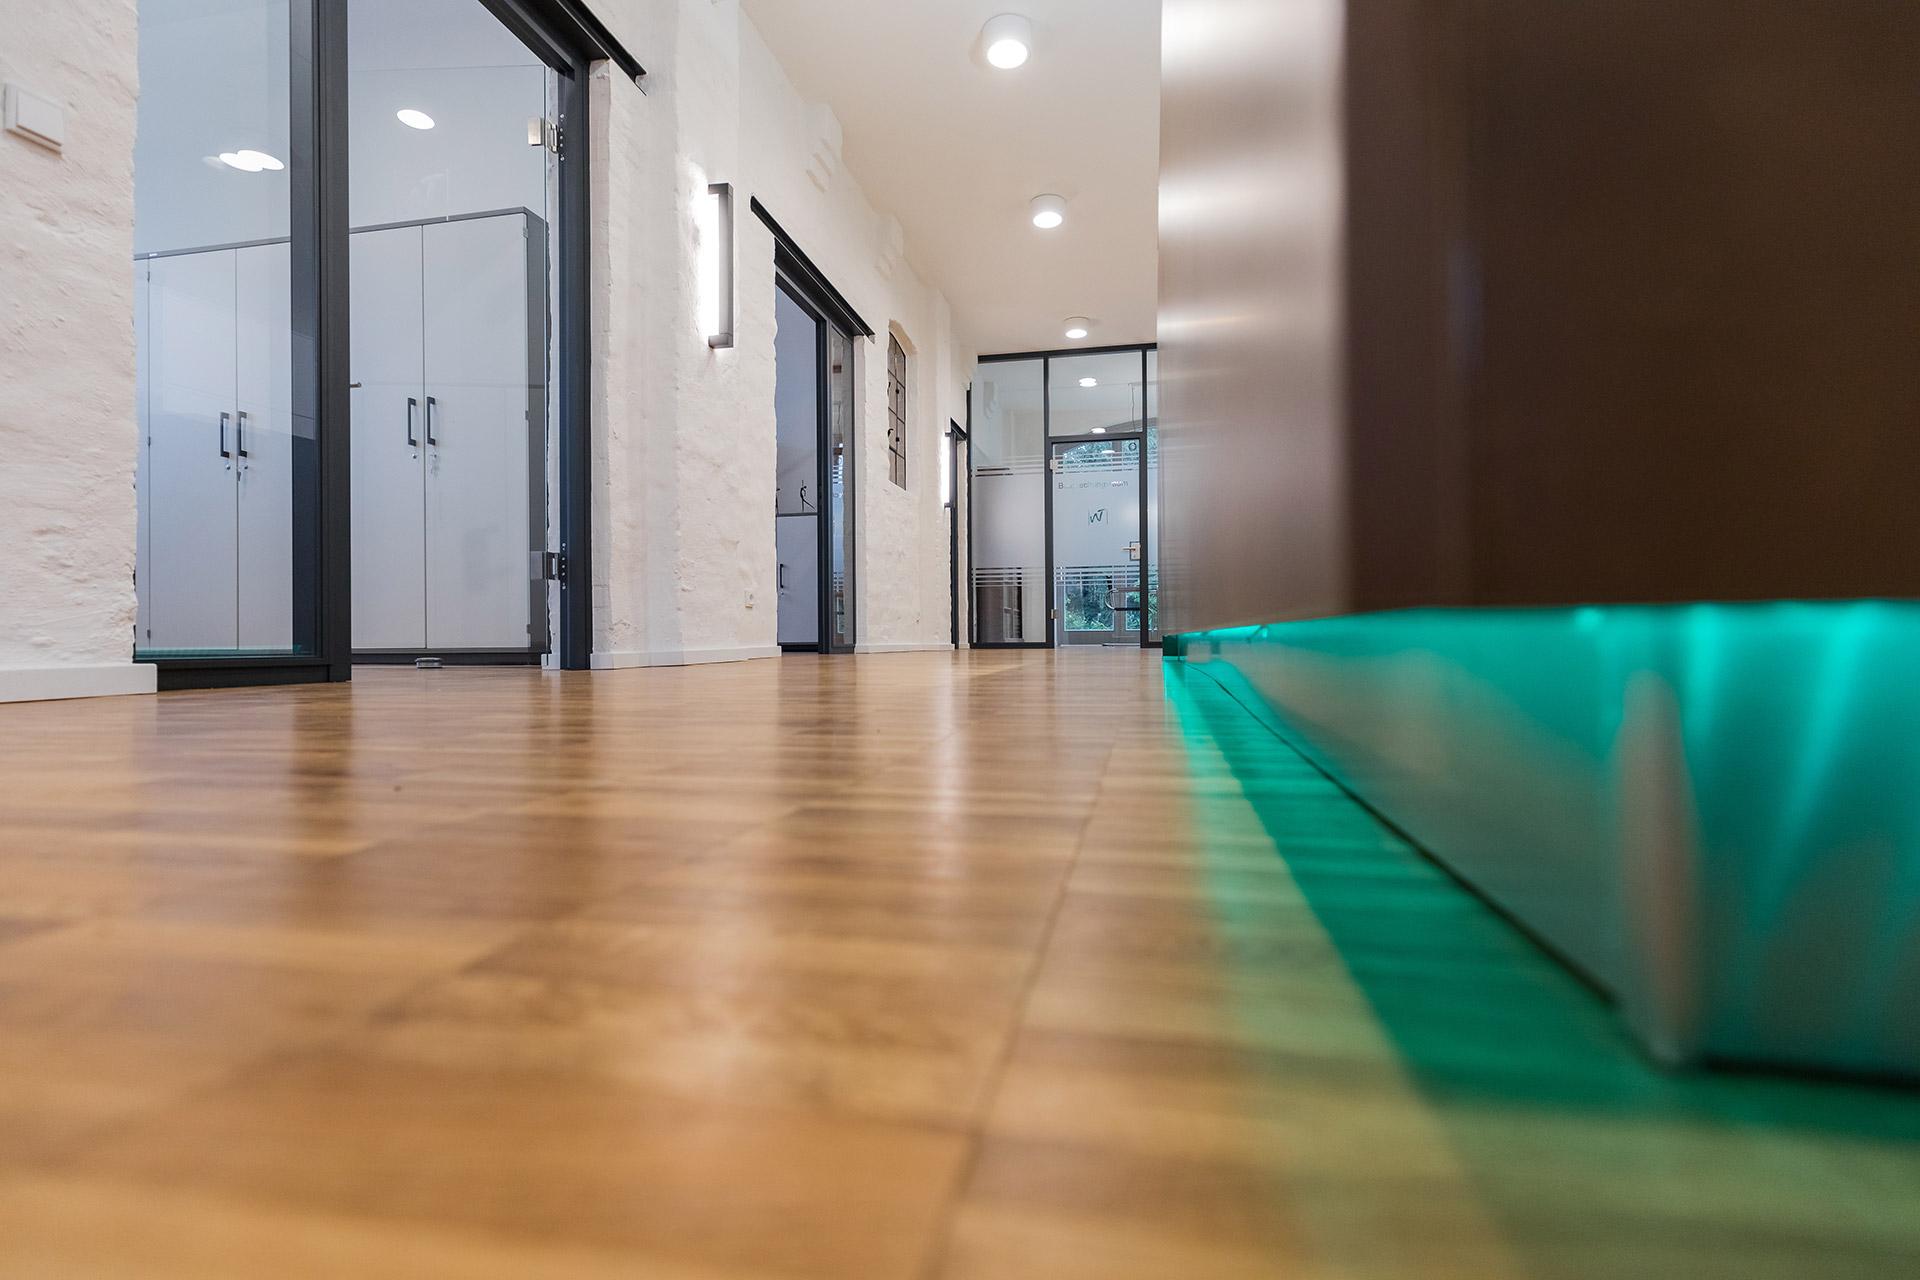 20191024_Park48_Architekten_Wulff-Thaysen_Ratzeburg_00000000073